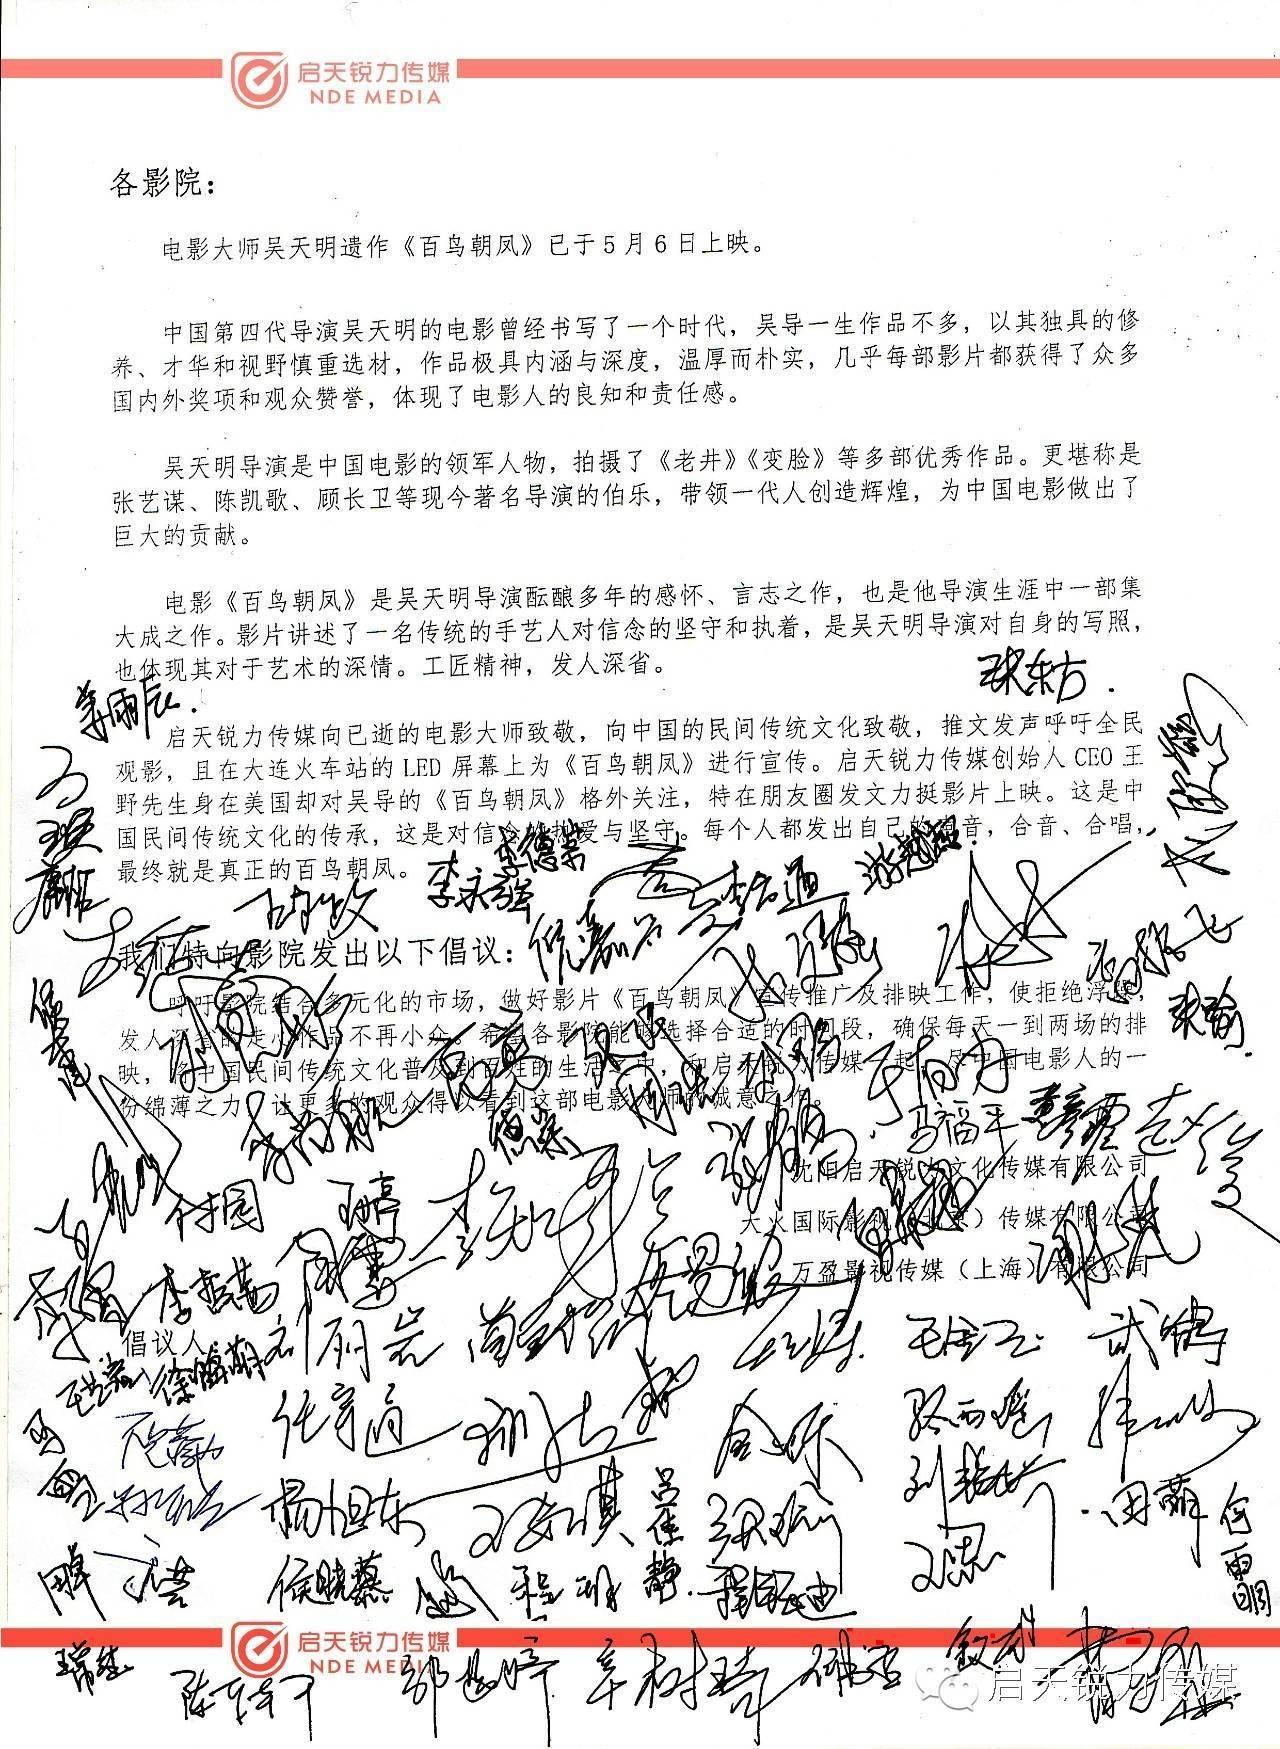 百鸟朝凤 | 潇水沧浪尽,百鸟齐哀鸣.